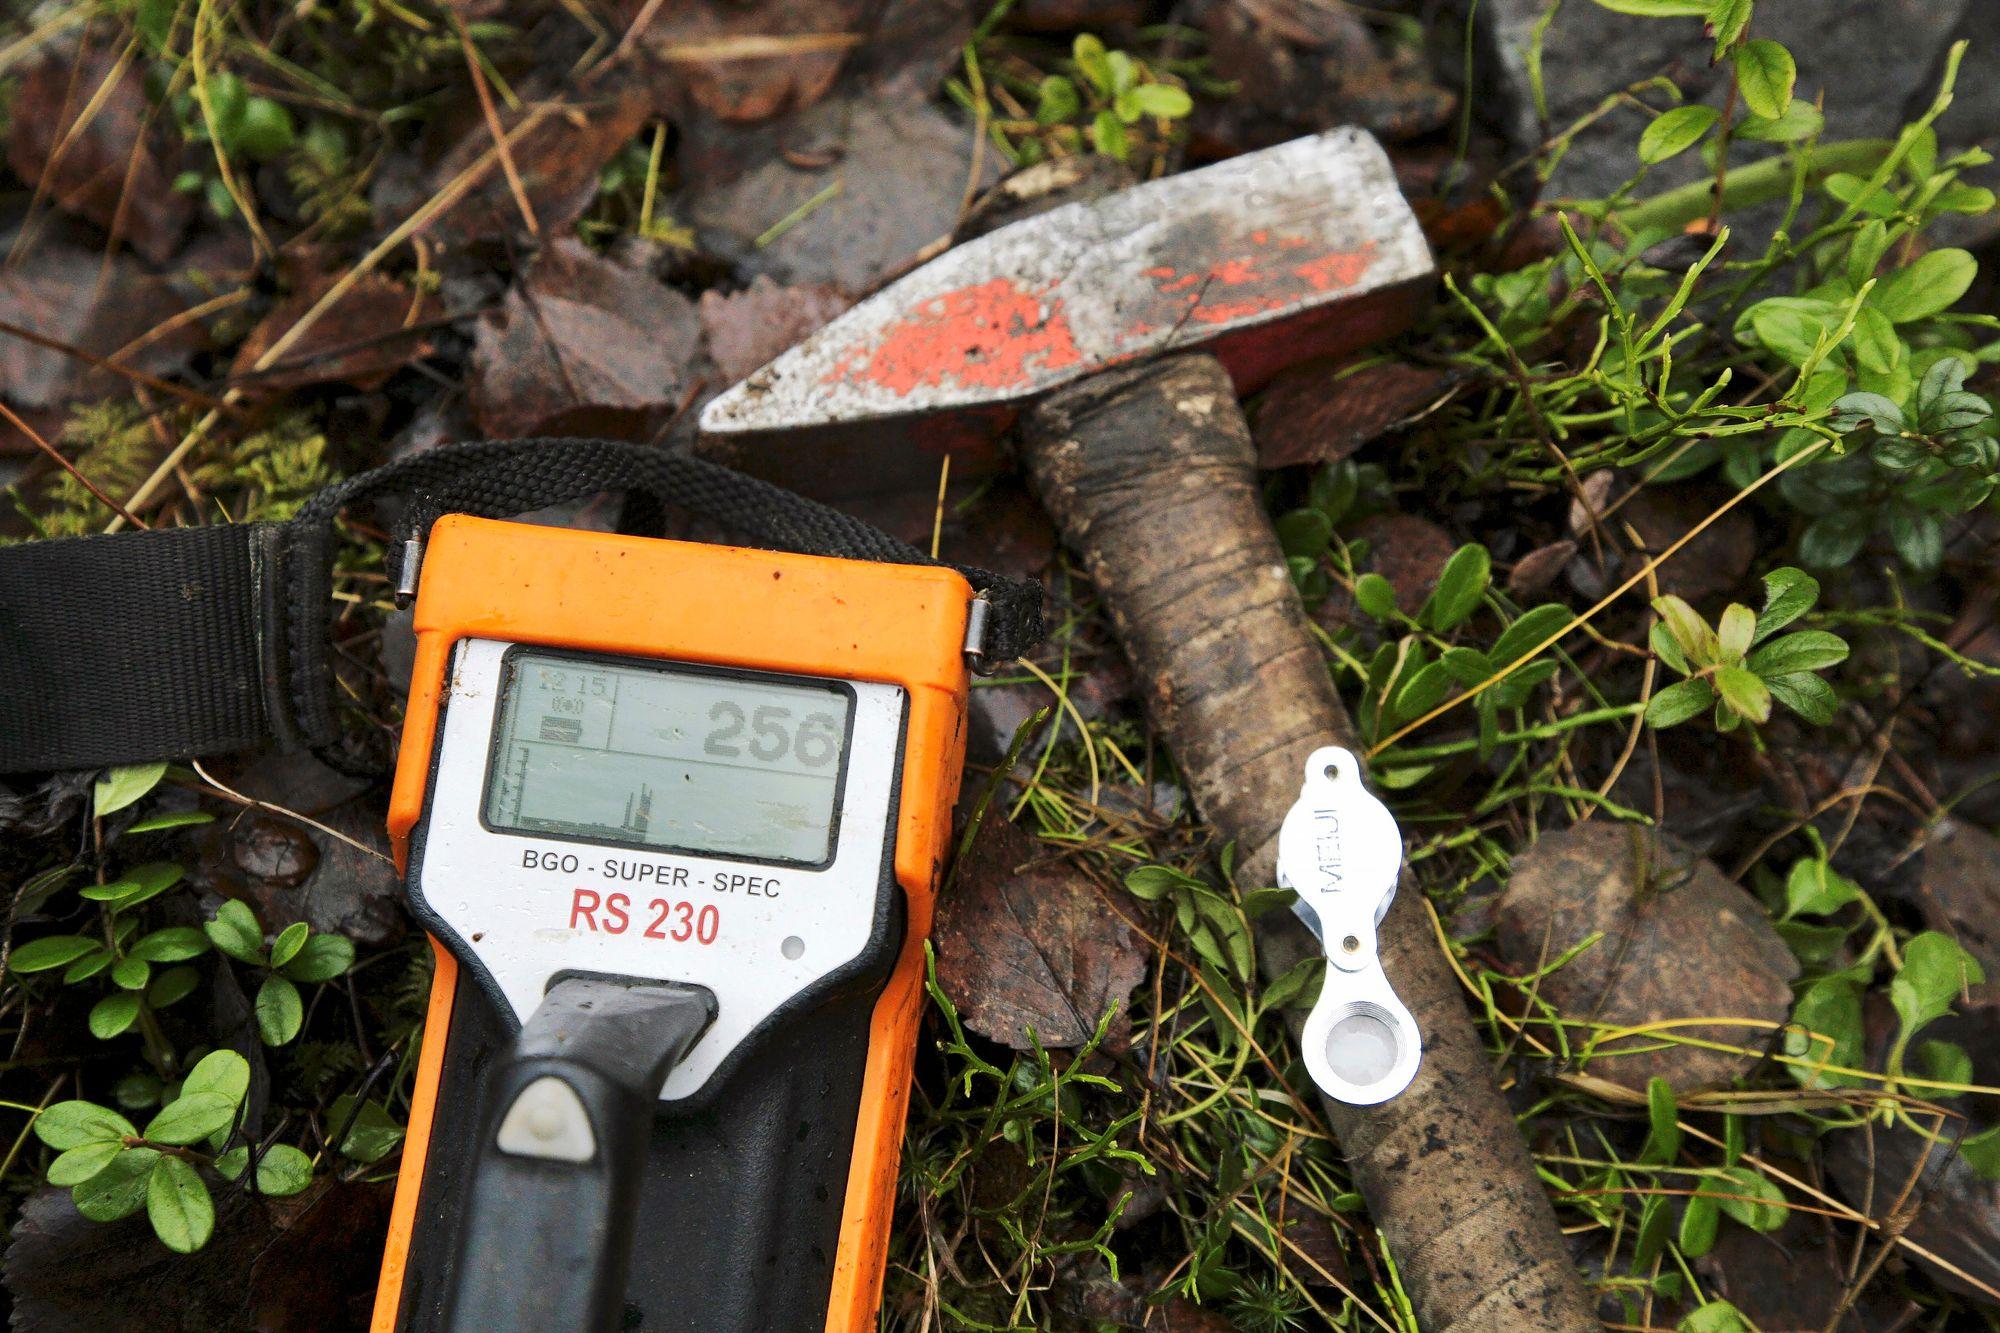 Malminetsintävarauksen saa helposti, varsinaisen etsintäluvan vähän monimutkaisemmin ja kaivoksen perustamiseen vaadittaviin lupiin yltää aniharva. © Lehtikuva